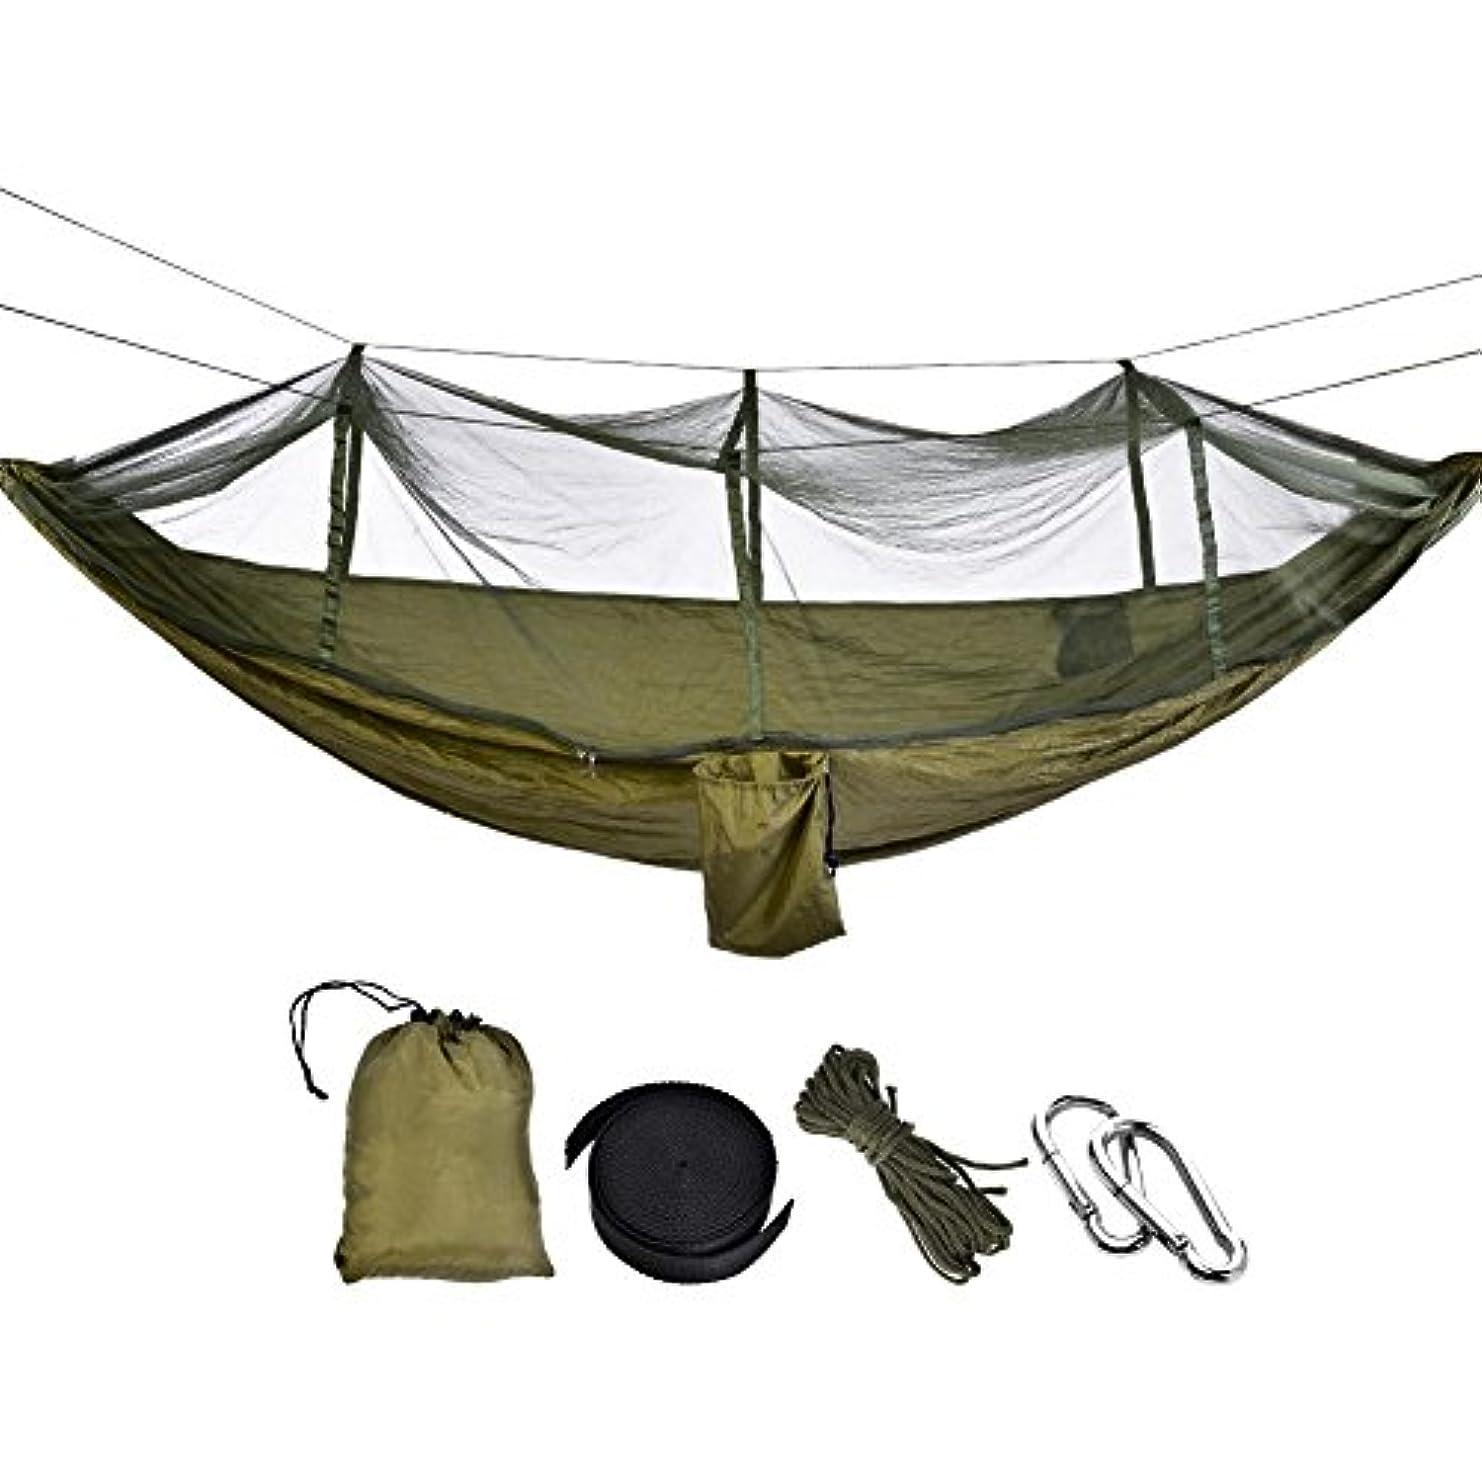 ピニオンデザイナー眠りアウトドアキャンプ用ハンモックナイロンポータブルハンモック(蚊帳付き)スイングハンモックベッド